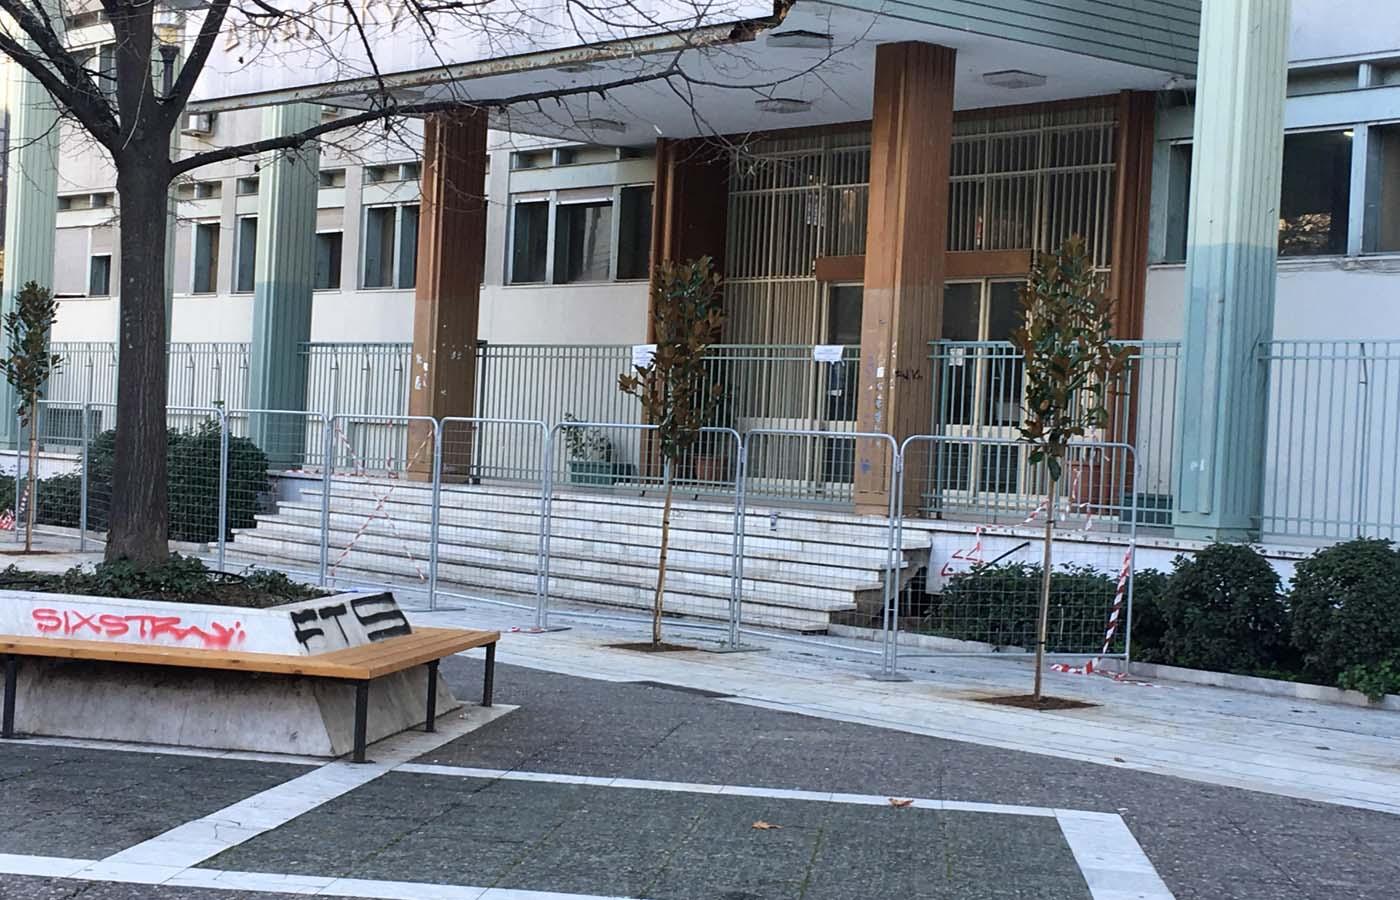 Νέα δέντρα φυτεύτηκαν μπροστά στο Δικαστικό Μέγαρο της Λάρισας (φωτό)